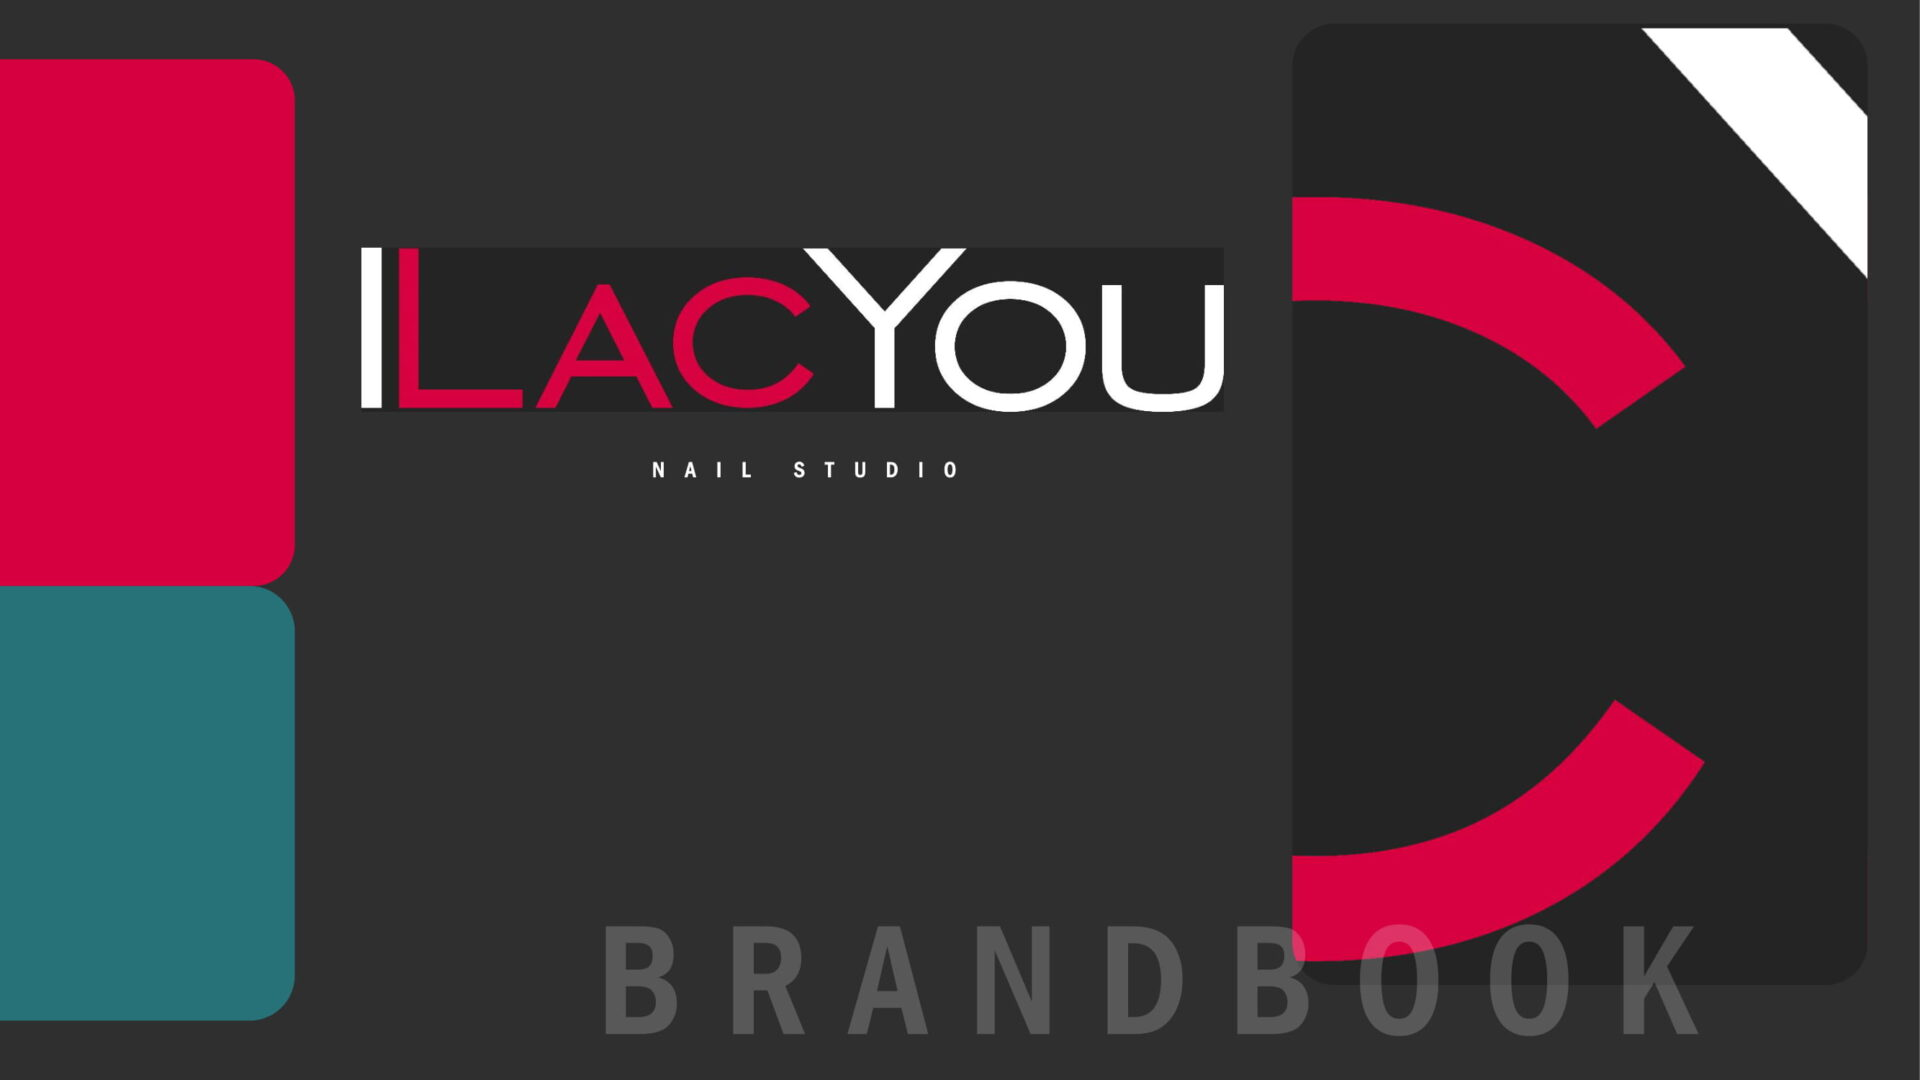 Презентация I Lac You-01